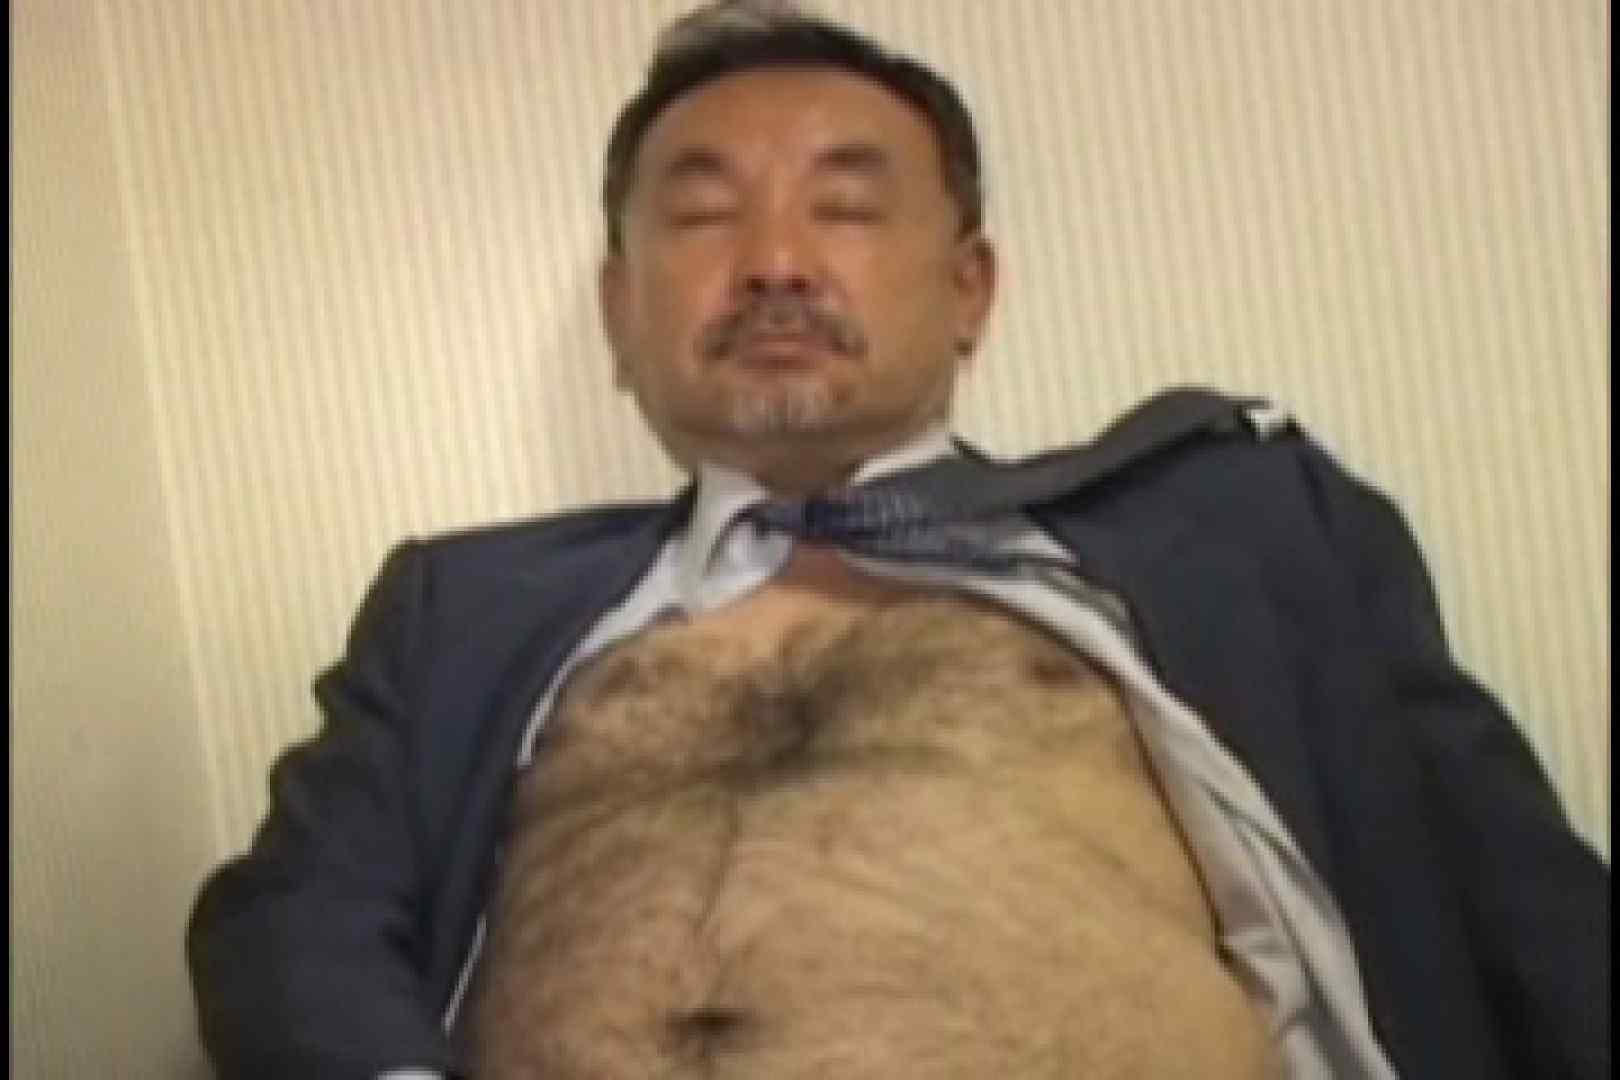 剛毛旦那のアナルレクチャー vol.02 お尻の穴 ゲイモロ画像 104pic 40